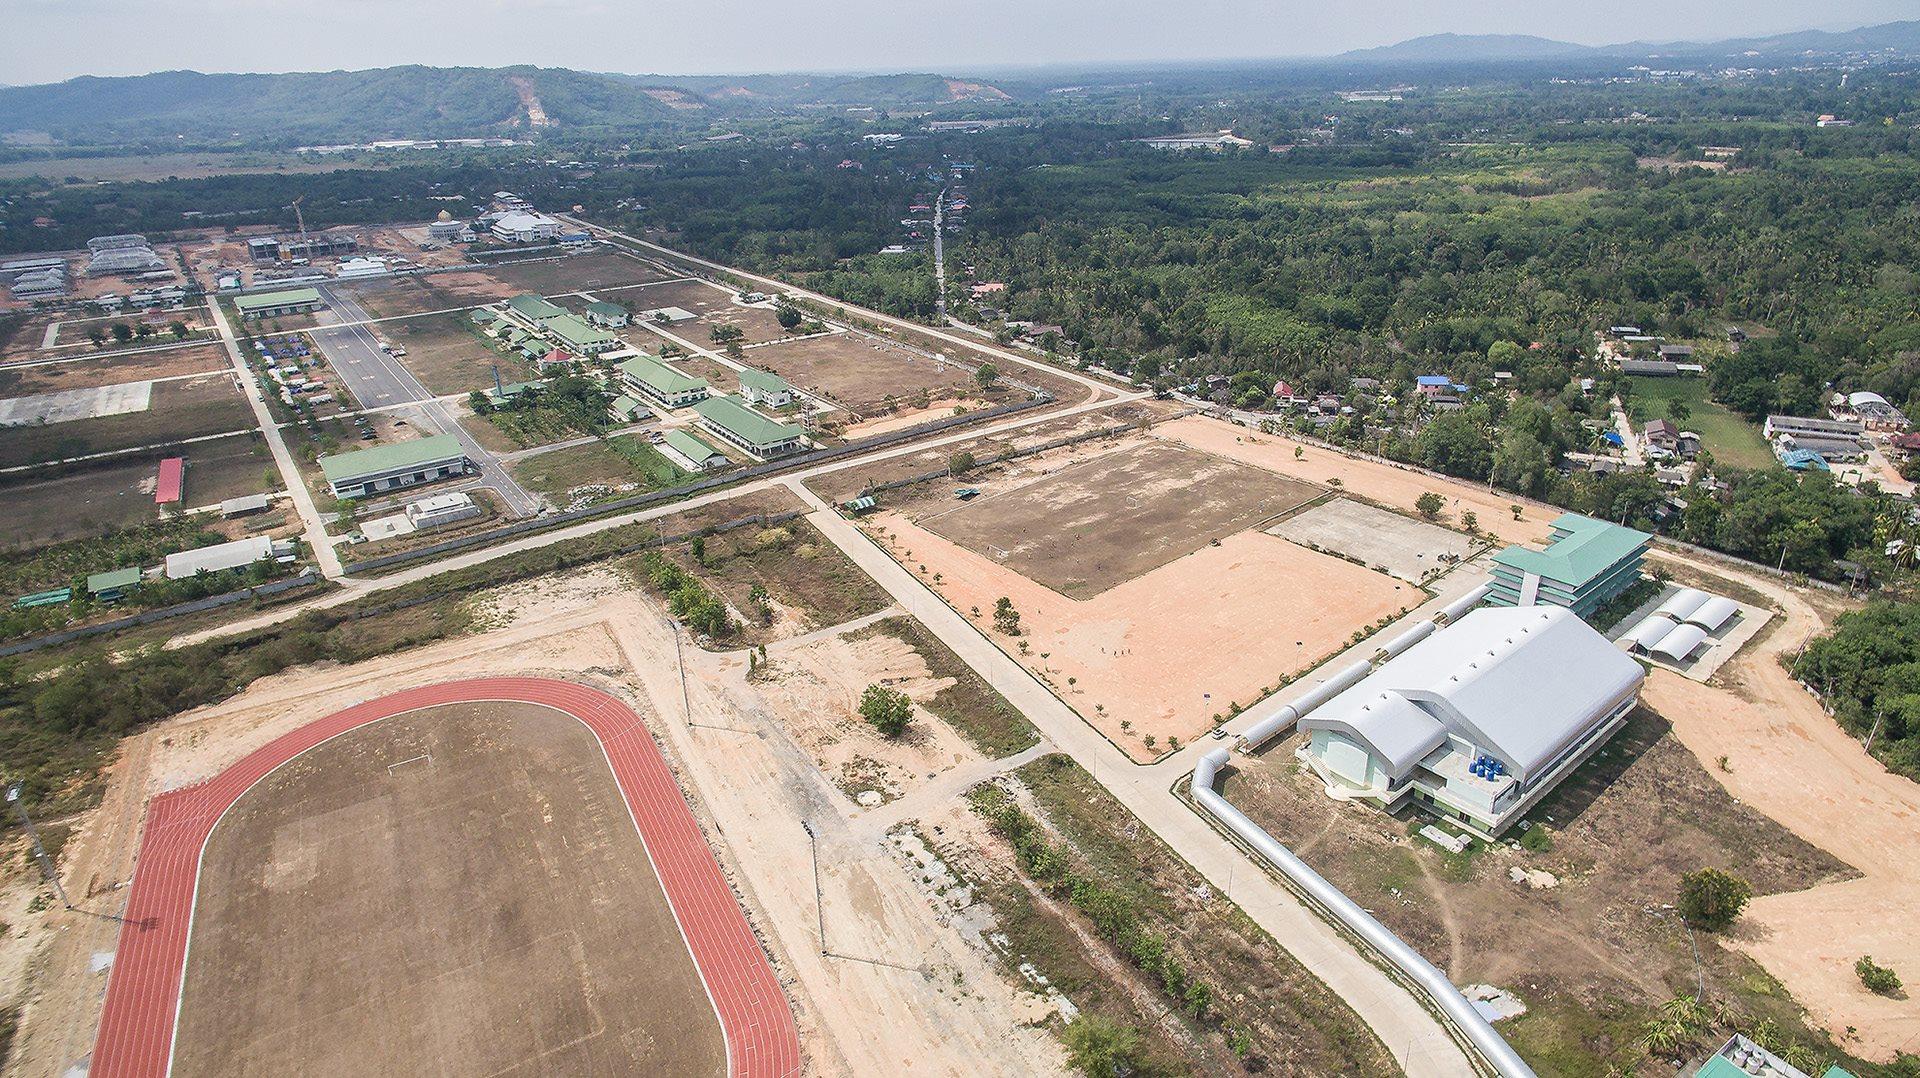 โครงการก่อสร้าง หอพักนักเรียน โรงเรียนกีฬา จังหวัดยะลา